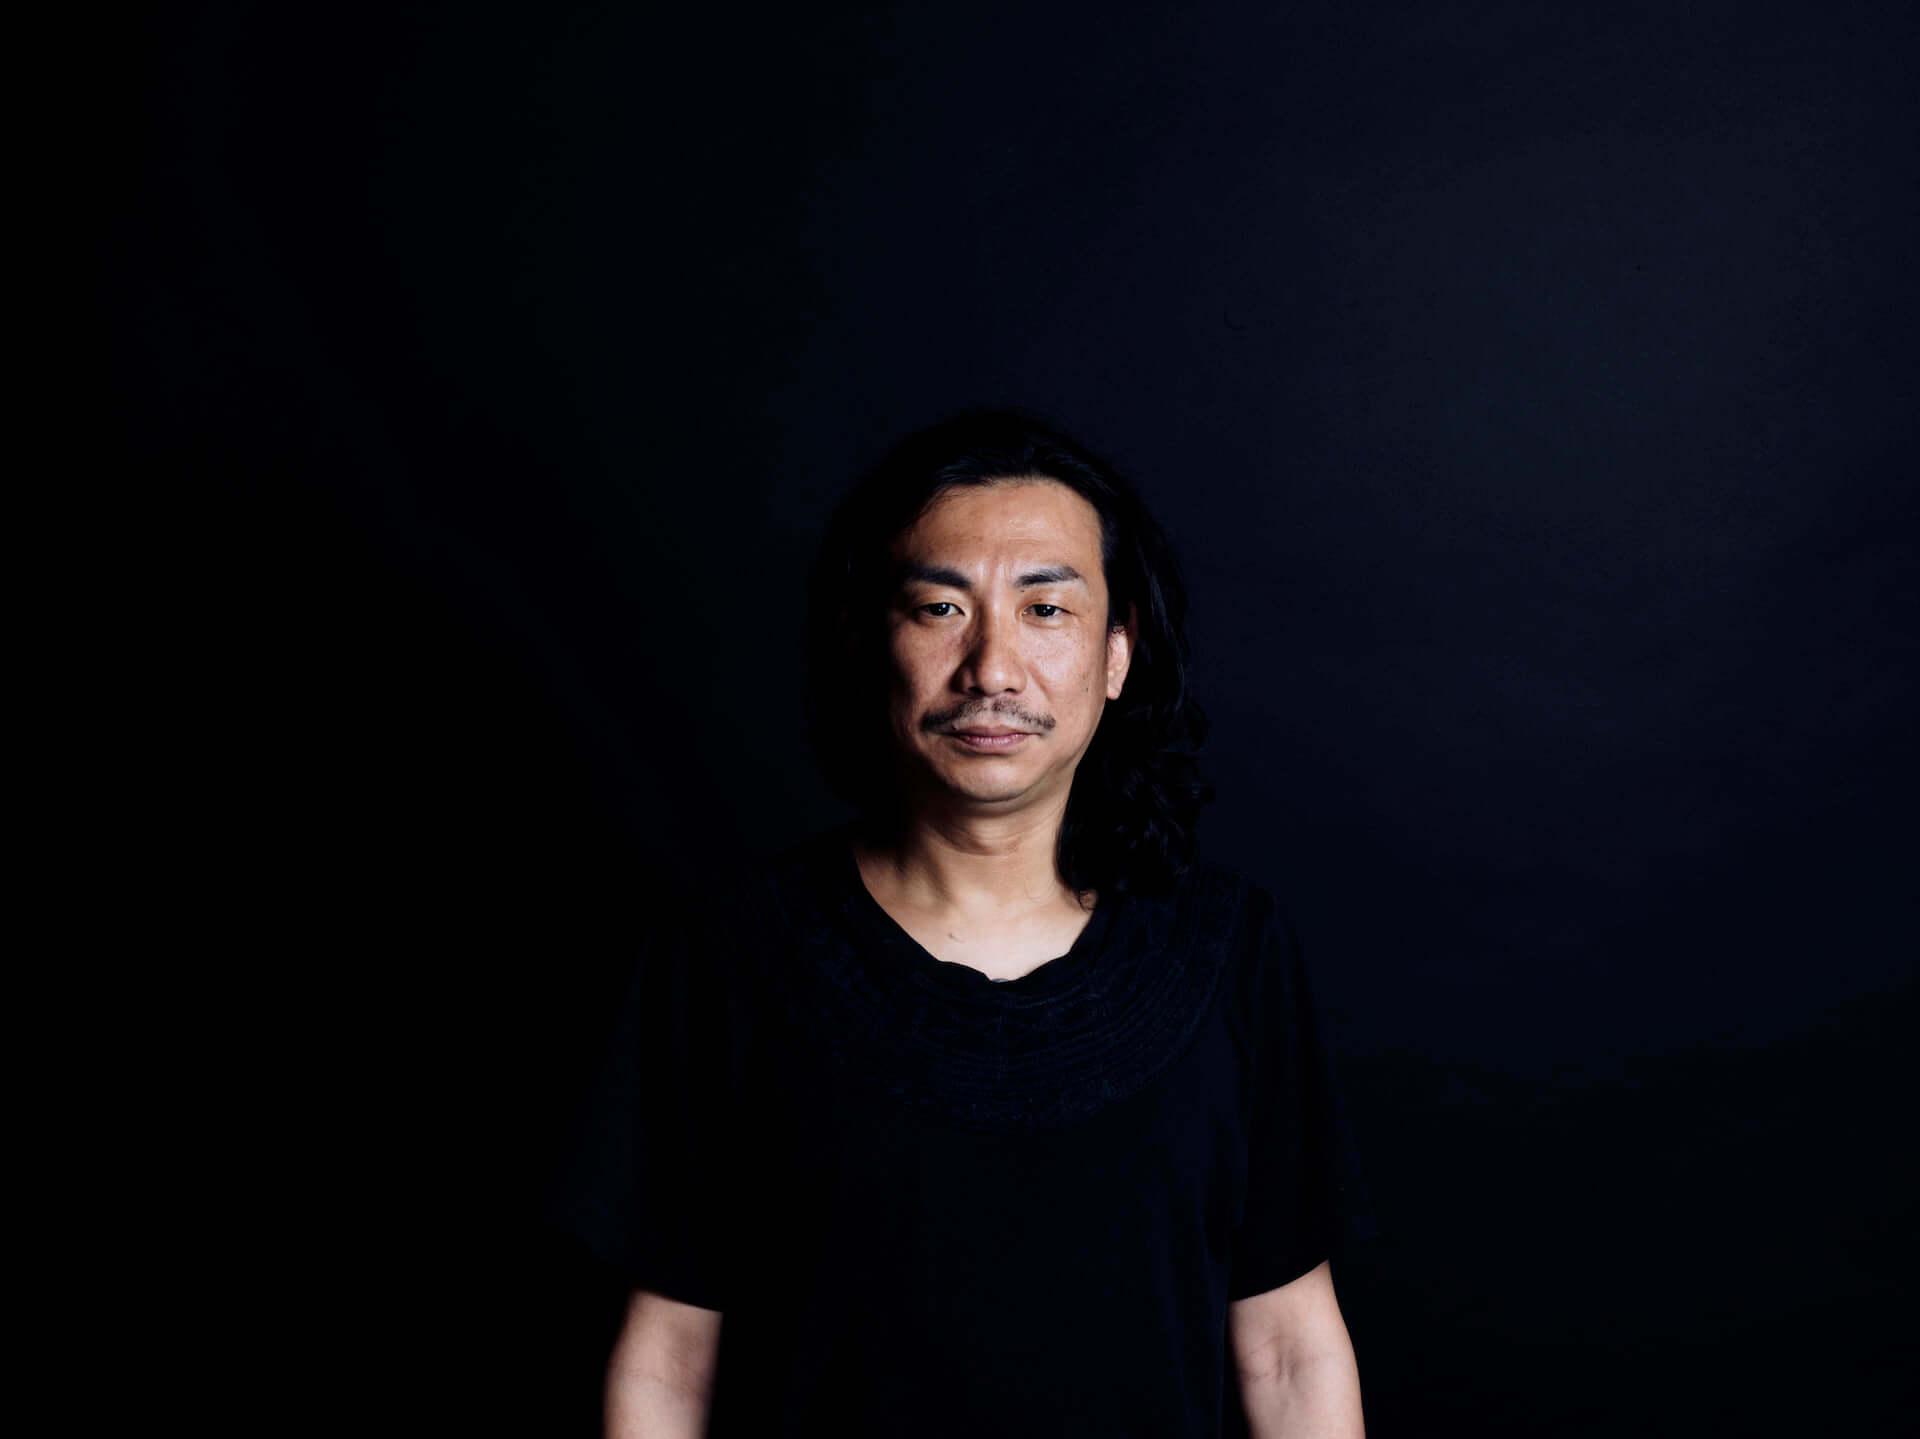 静岡の泊まれる公園「INN THE PARK」にて野外フェス<DISTANCE>が開催決定!DJ Nobu、Soichi Terada、Mars89、Jun Kamodaらが出演 music201006_distance2020_2-1920x1439